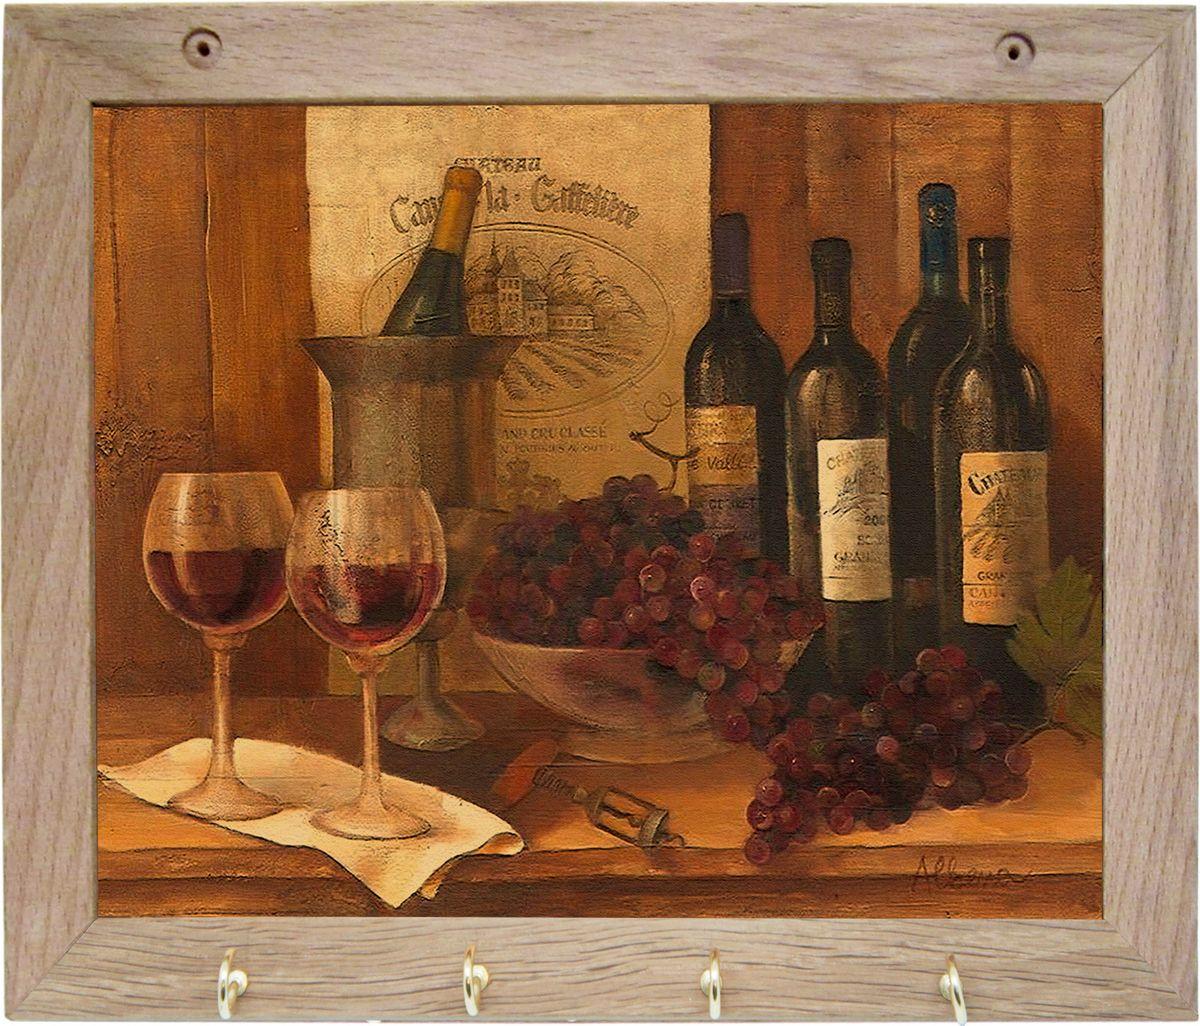 Вешалка GiftnHome Винтажные вина, с 4 крючками, 20 х 25 см10503Вешалка GiftnHome Винтажные вина в стиле Art-Casual изготовлена из натурального дерева в комбинации с модными цветными принтами на корпусе от Креативной студии AntonioK. Вешалка снабжена 4 металлическими крючками для подвешивания аксессуаров, полотенец, прихваток и другого текстиля. Это изделие больше, чем просто вешалка, оно несет интерьерное решение, задает настроение и стиль на вашей кухне, столовой или дачной веранде. Art-Casual значит буквально повседневное искусство. Это новый стиль предложения обычных домашних аксессуаров в качестве элементов, задающих стиль и шарм окружающего пространства. Уникальное сочетание привычной функциональности и декоративной, интерьерной функции - это актуальная, современная тенденция от прогрессивных производителей товаров для дома.